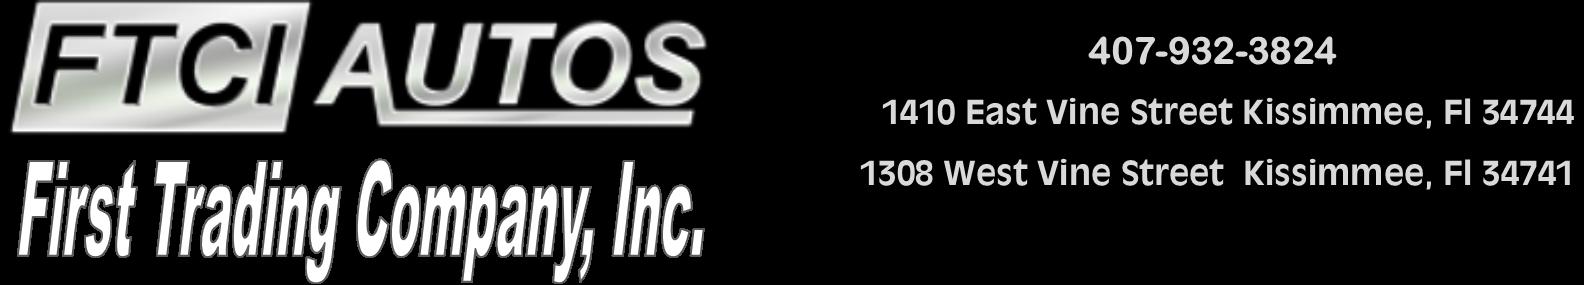 FTCI Autos. (407) 932-3824